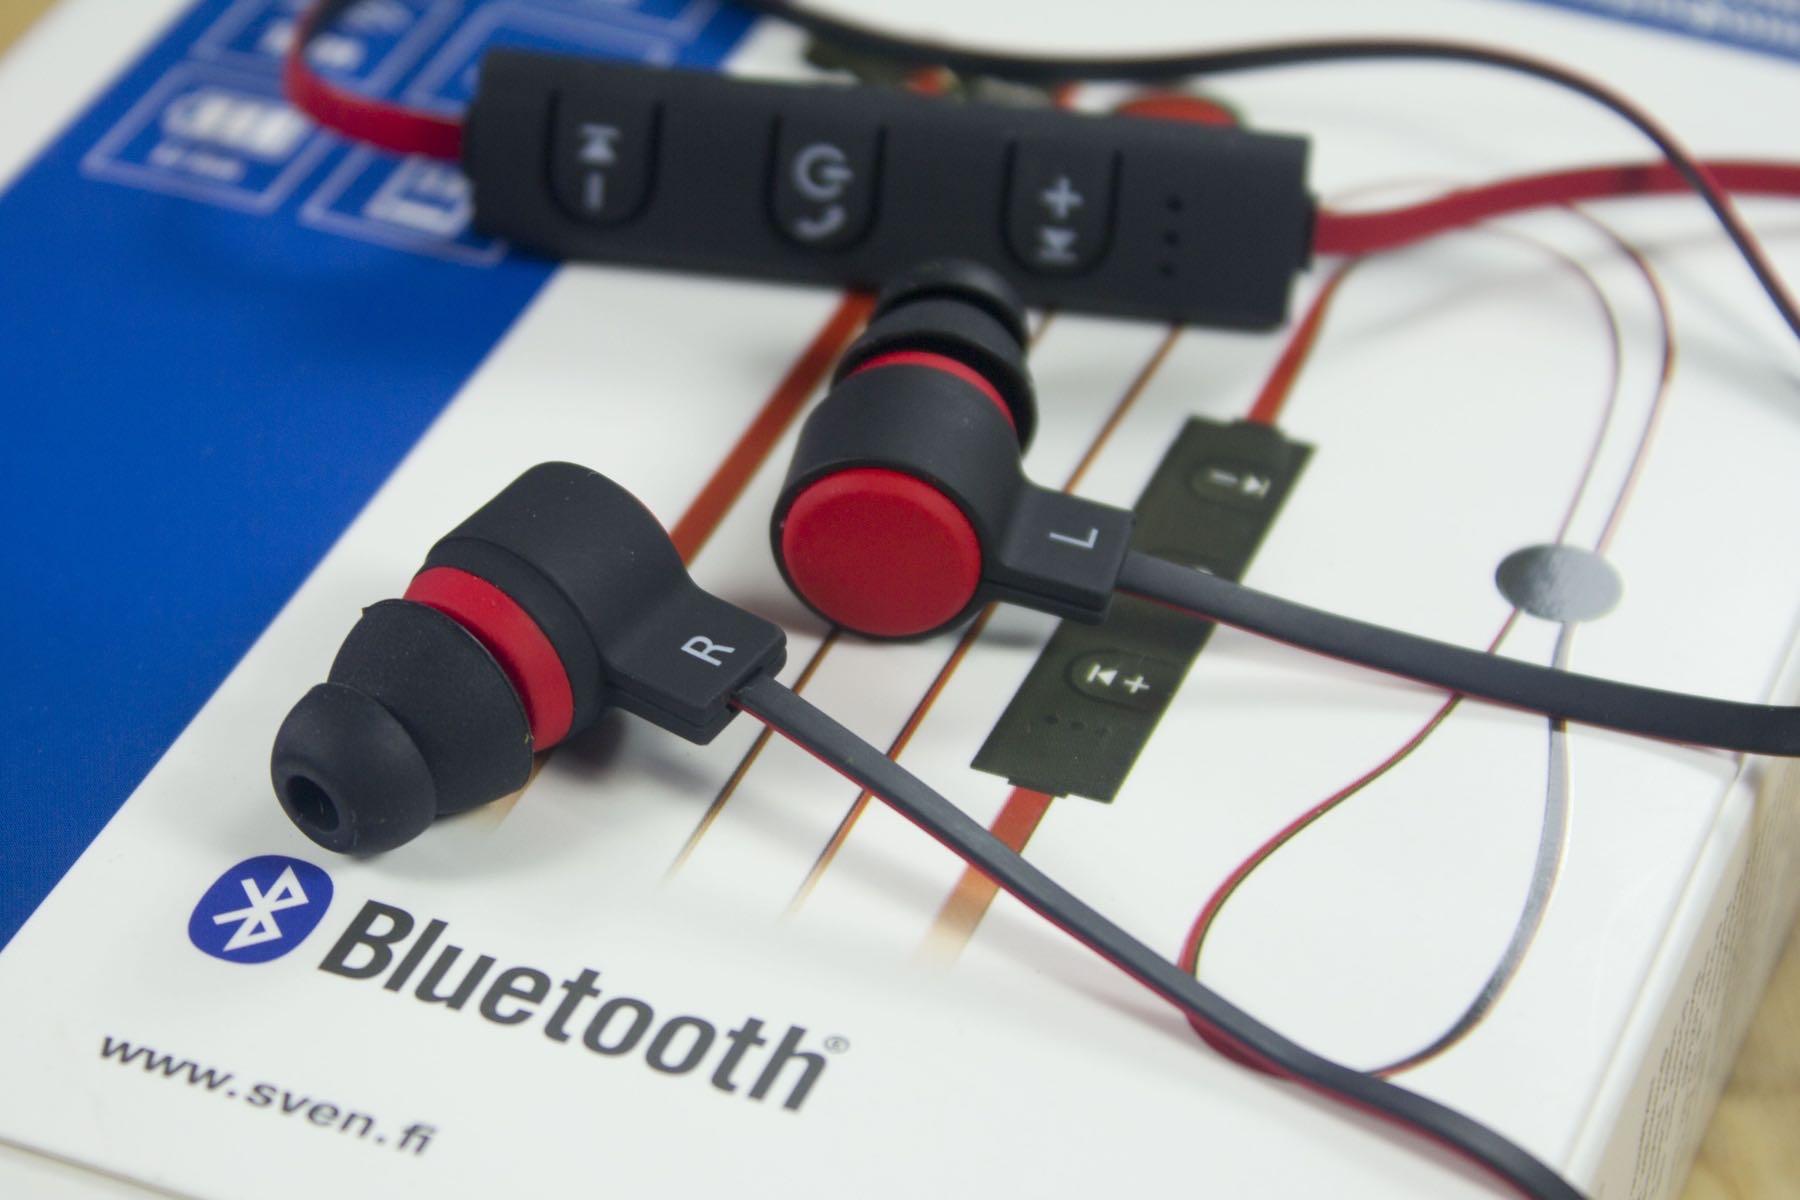 SVEN SEB-B270MV review russia bluetooth headphones 0